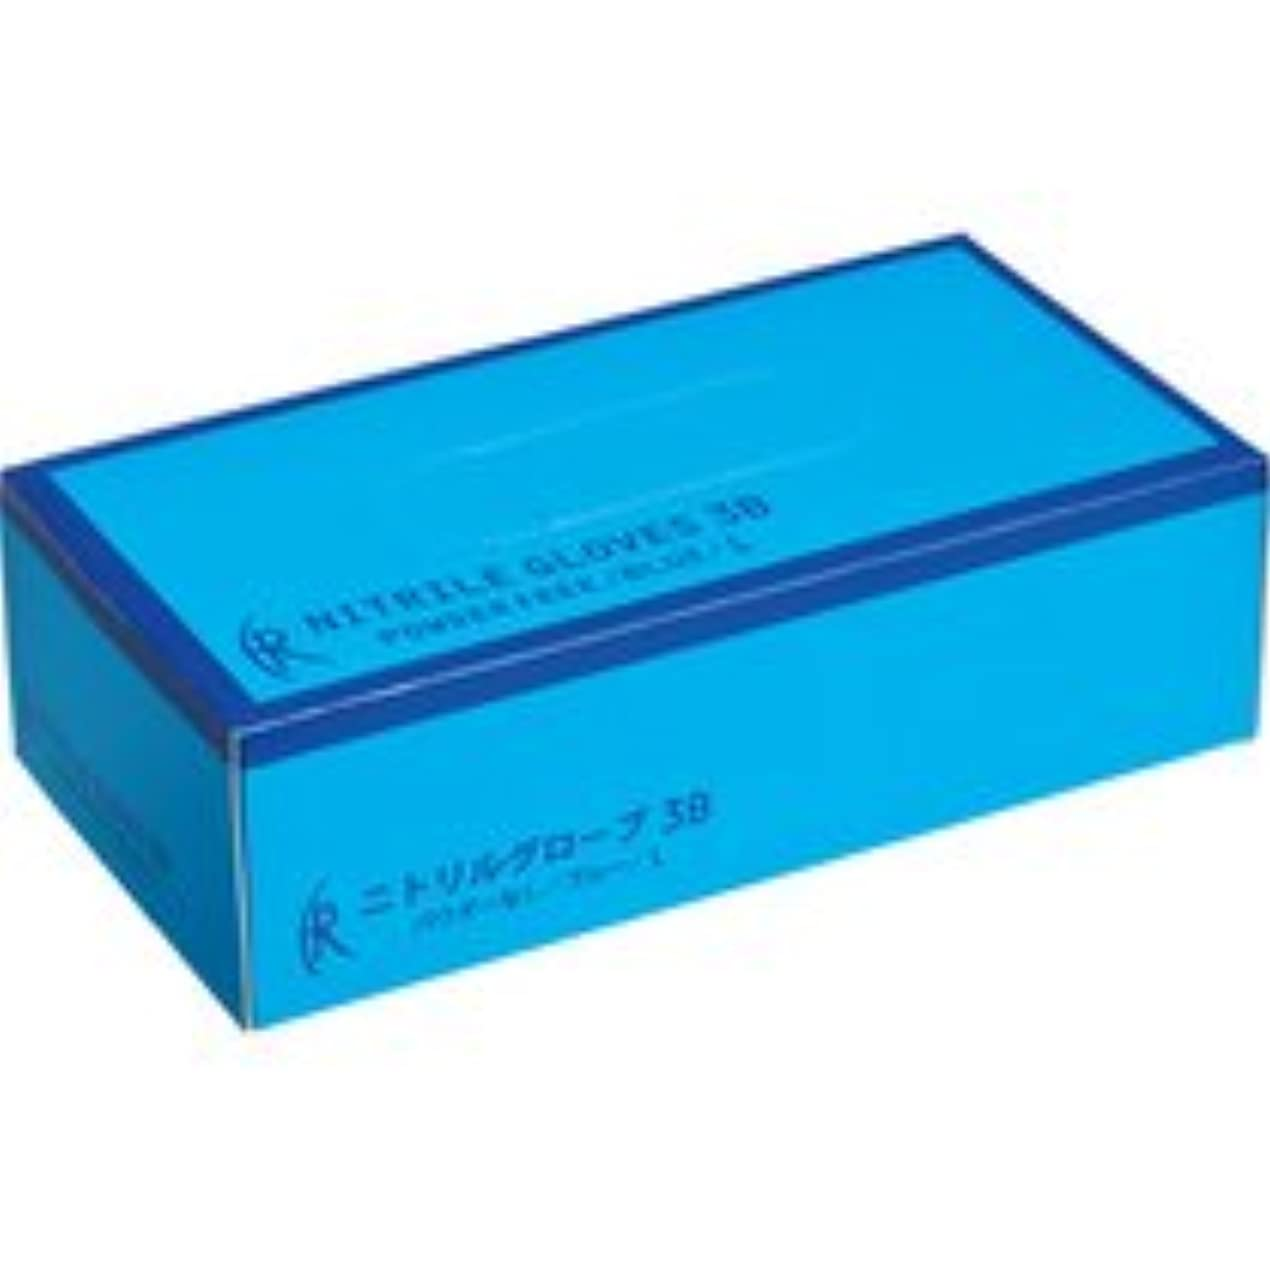 別の味わう眠りファーストレイト ニトリルグローブ3B パウダーフリー L FR-5663 1箱(200枚)